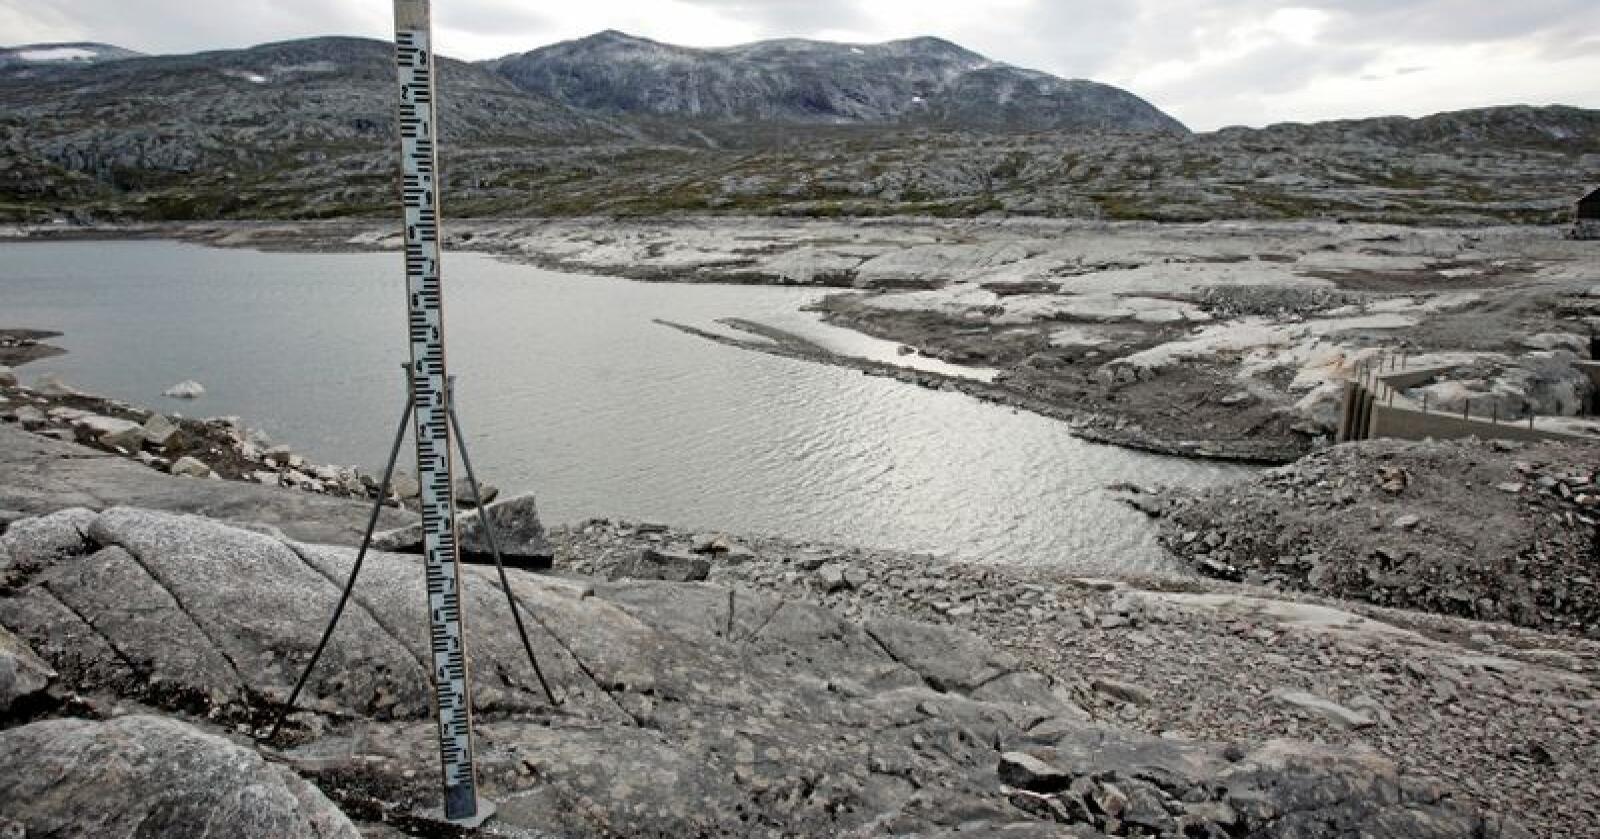 Tørt og dyrt: I fjor kom det 13 TWh mindre nedbør enn normalt. Det tilsvarer årsforbruket til 800.000 husstander. Foto: Gorm Kallestad/NTB scanpix